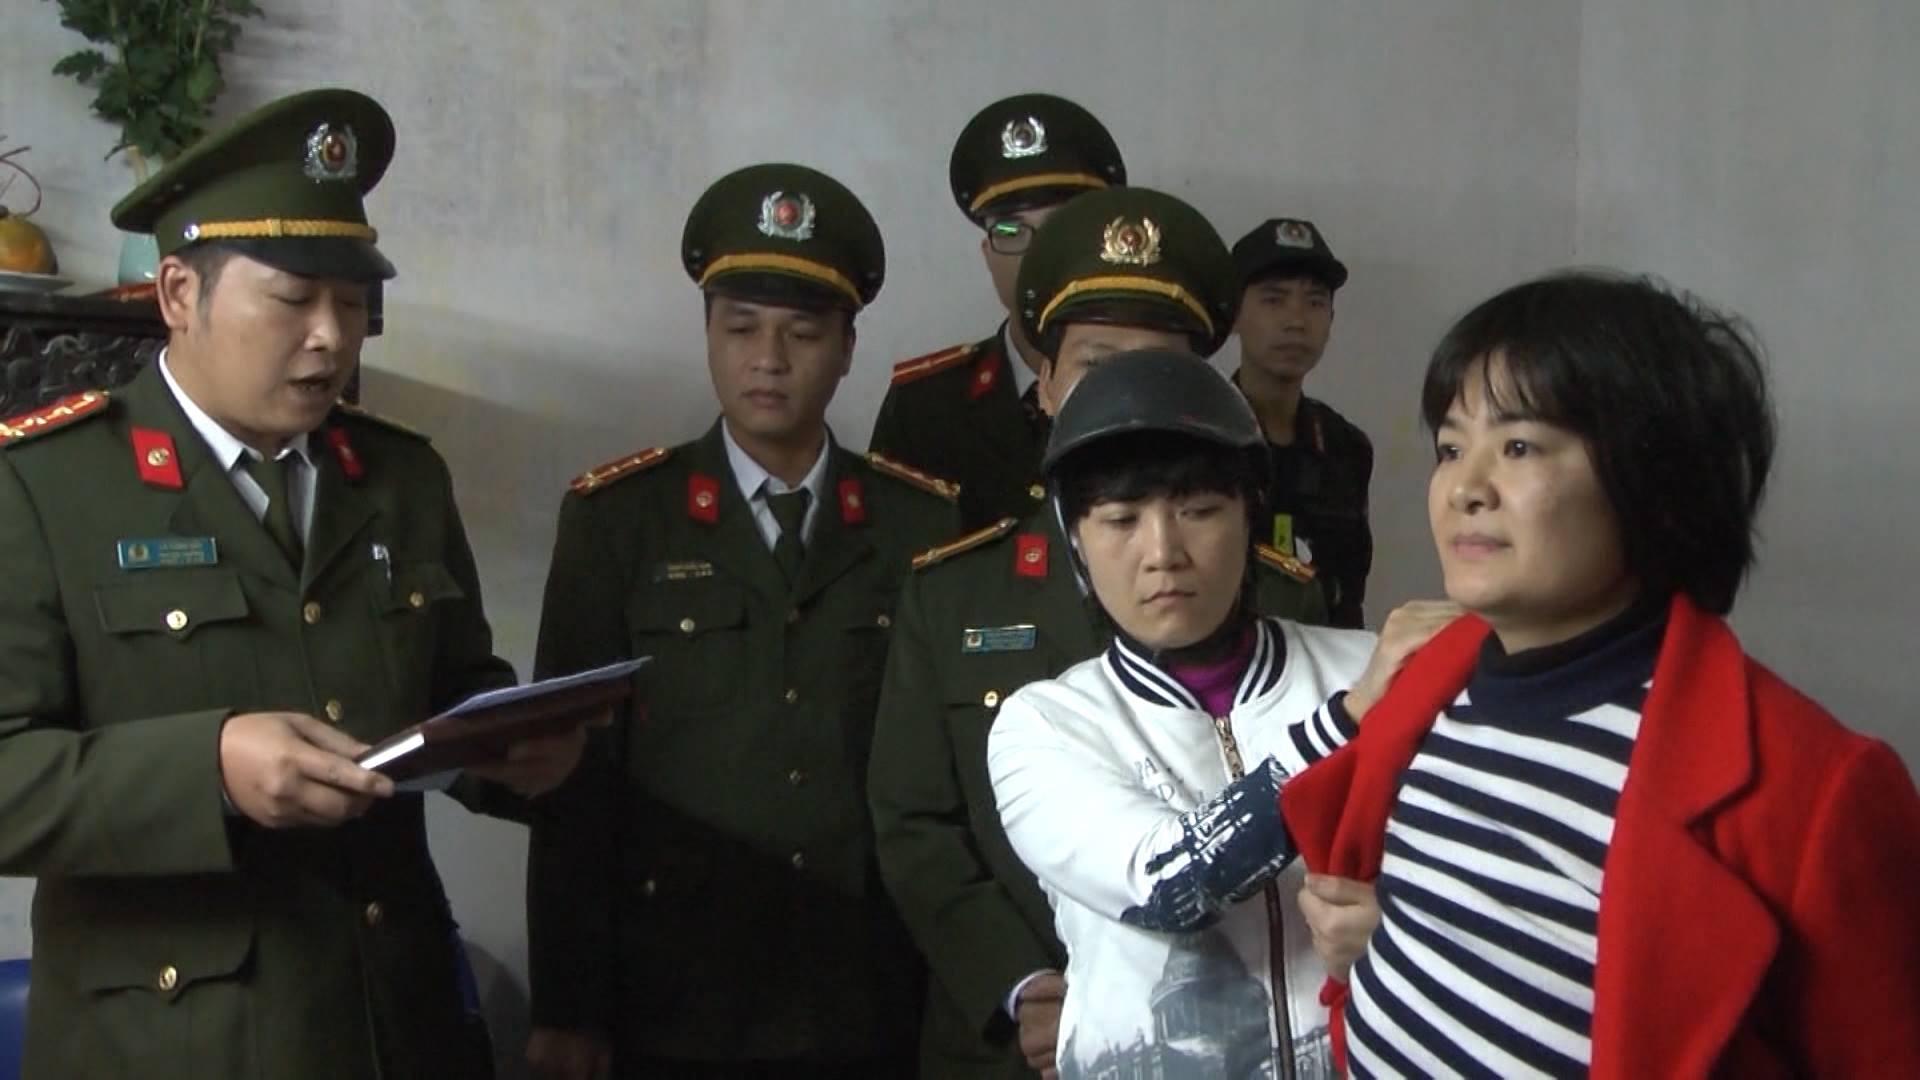 31 tổ chức và gần 1,000 người ký thỉnh nguyện thư đòi thả nhà hoạt động Trần Thị Nga